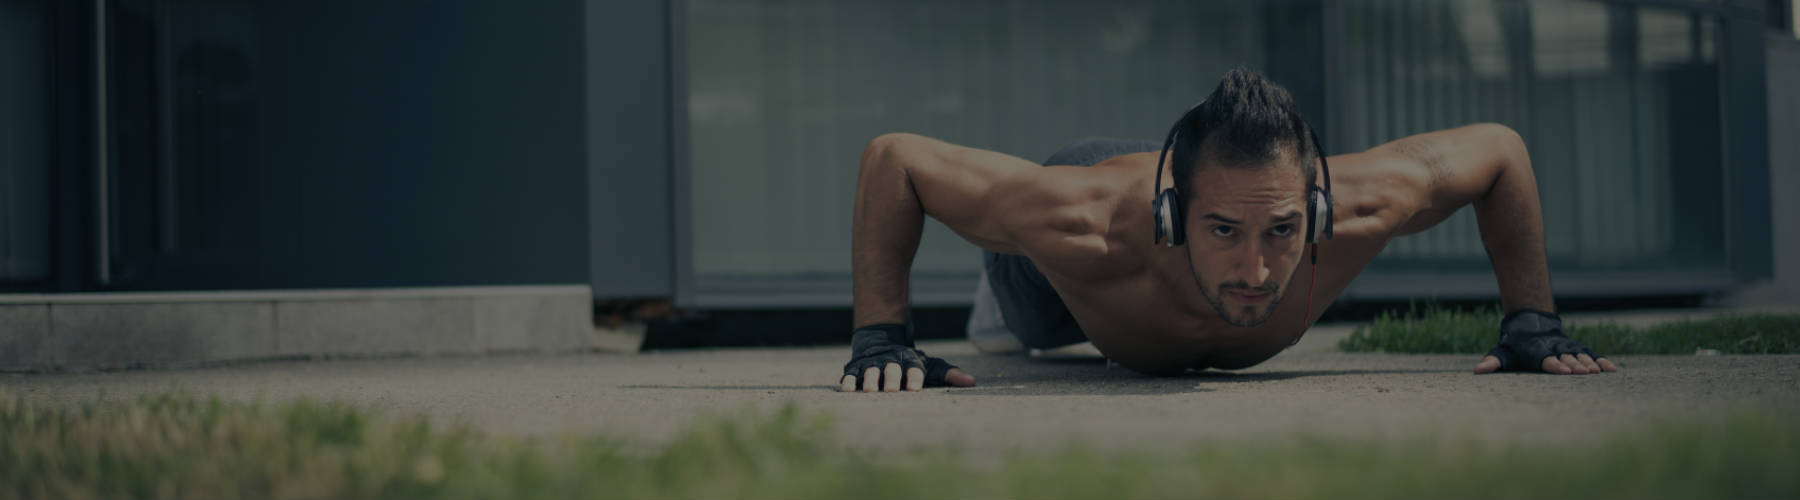 knee push ups